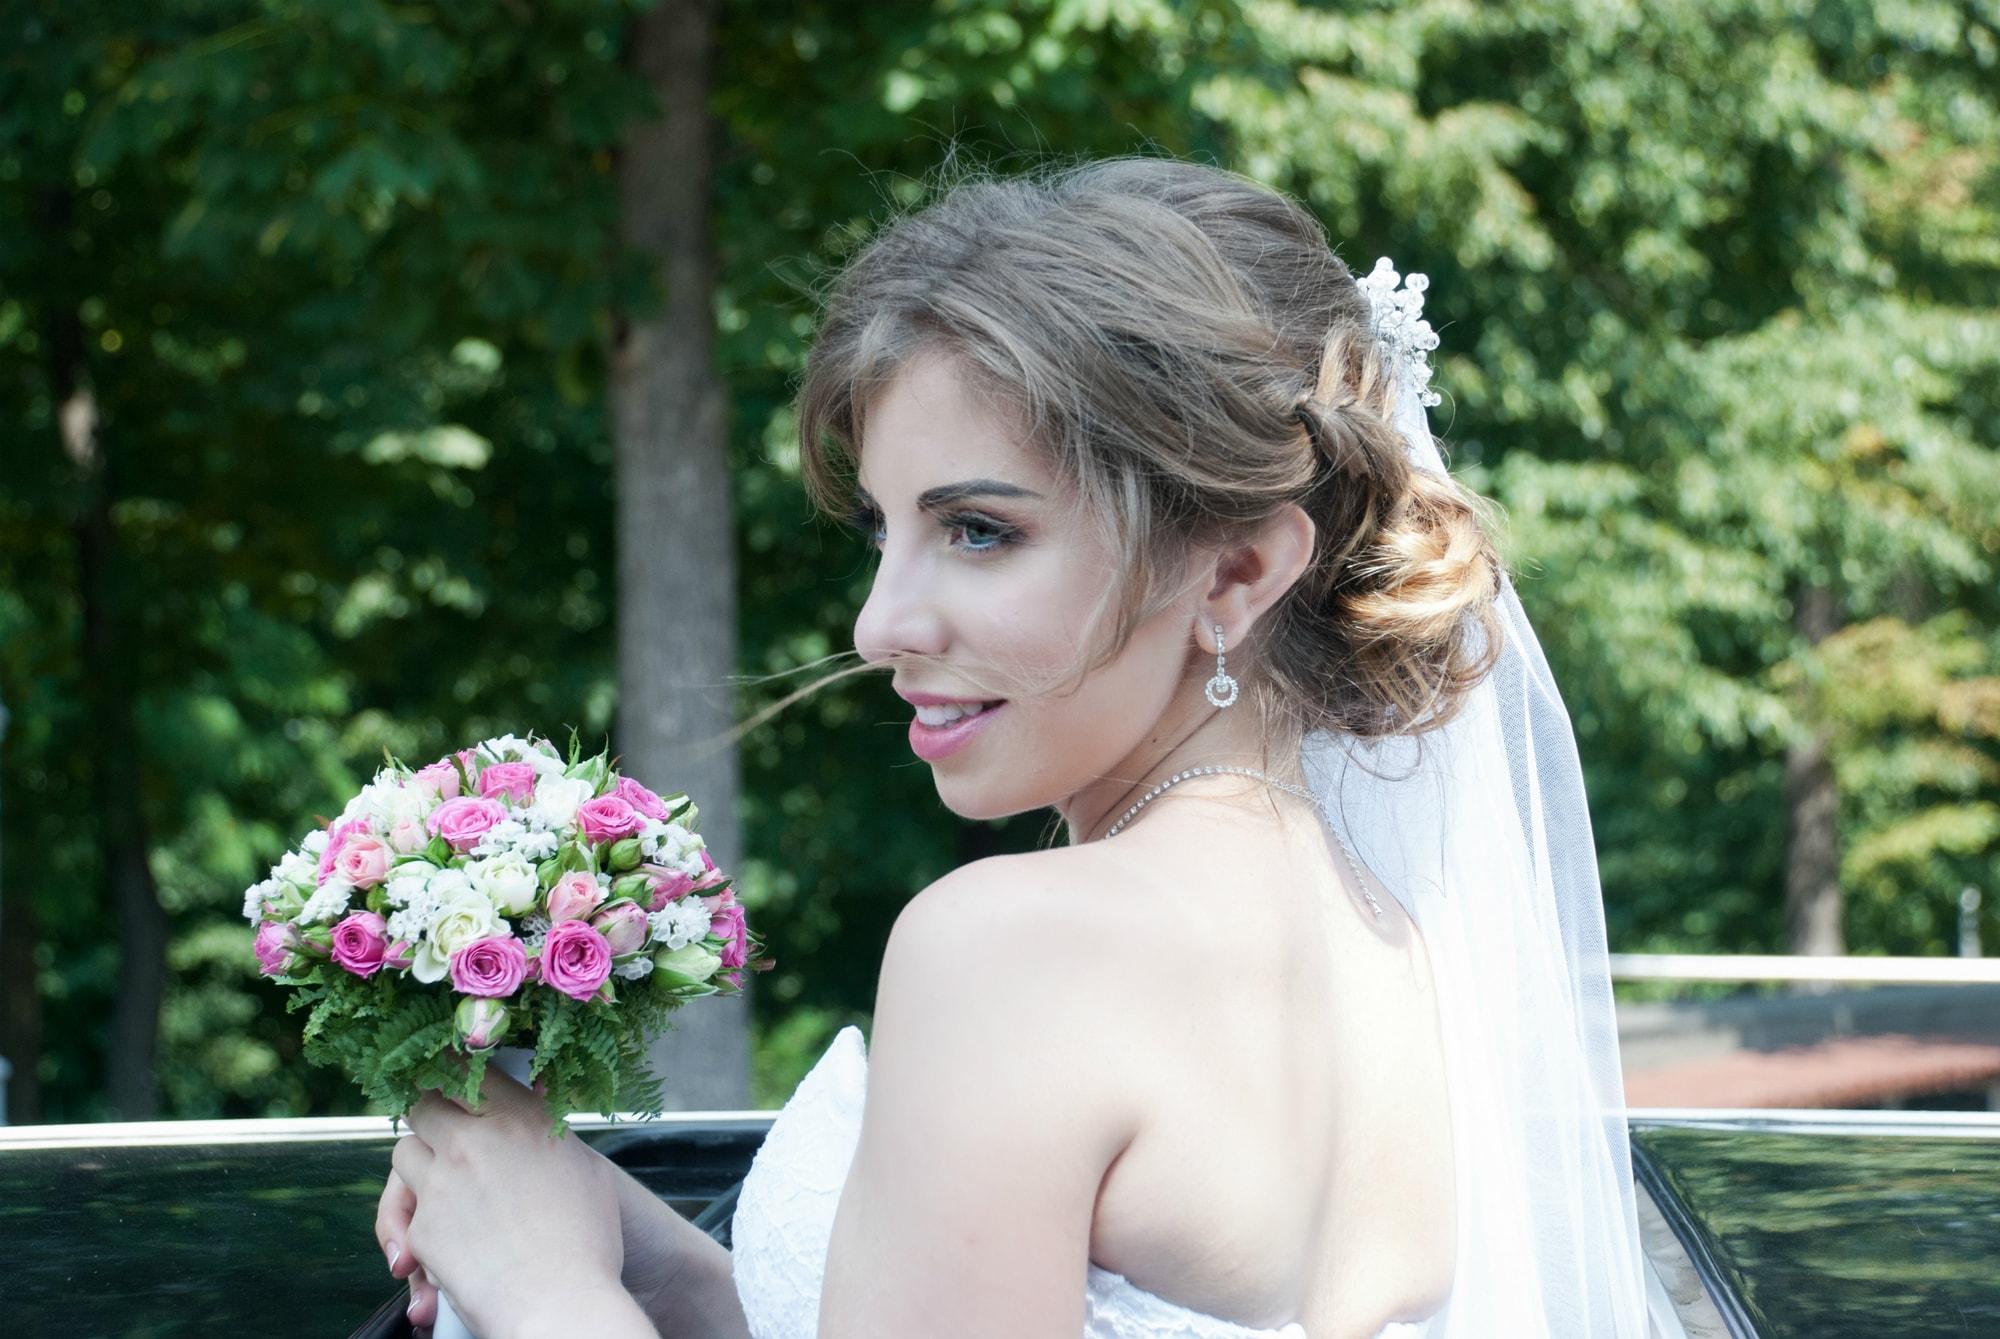 Фотография нежной невесты - Фотограф Киев - Женя Лайт